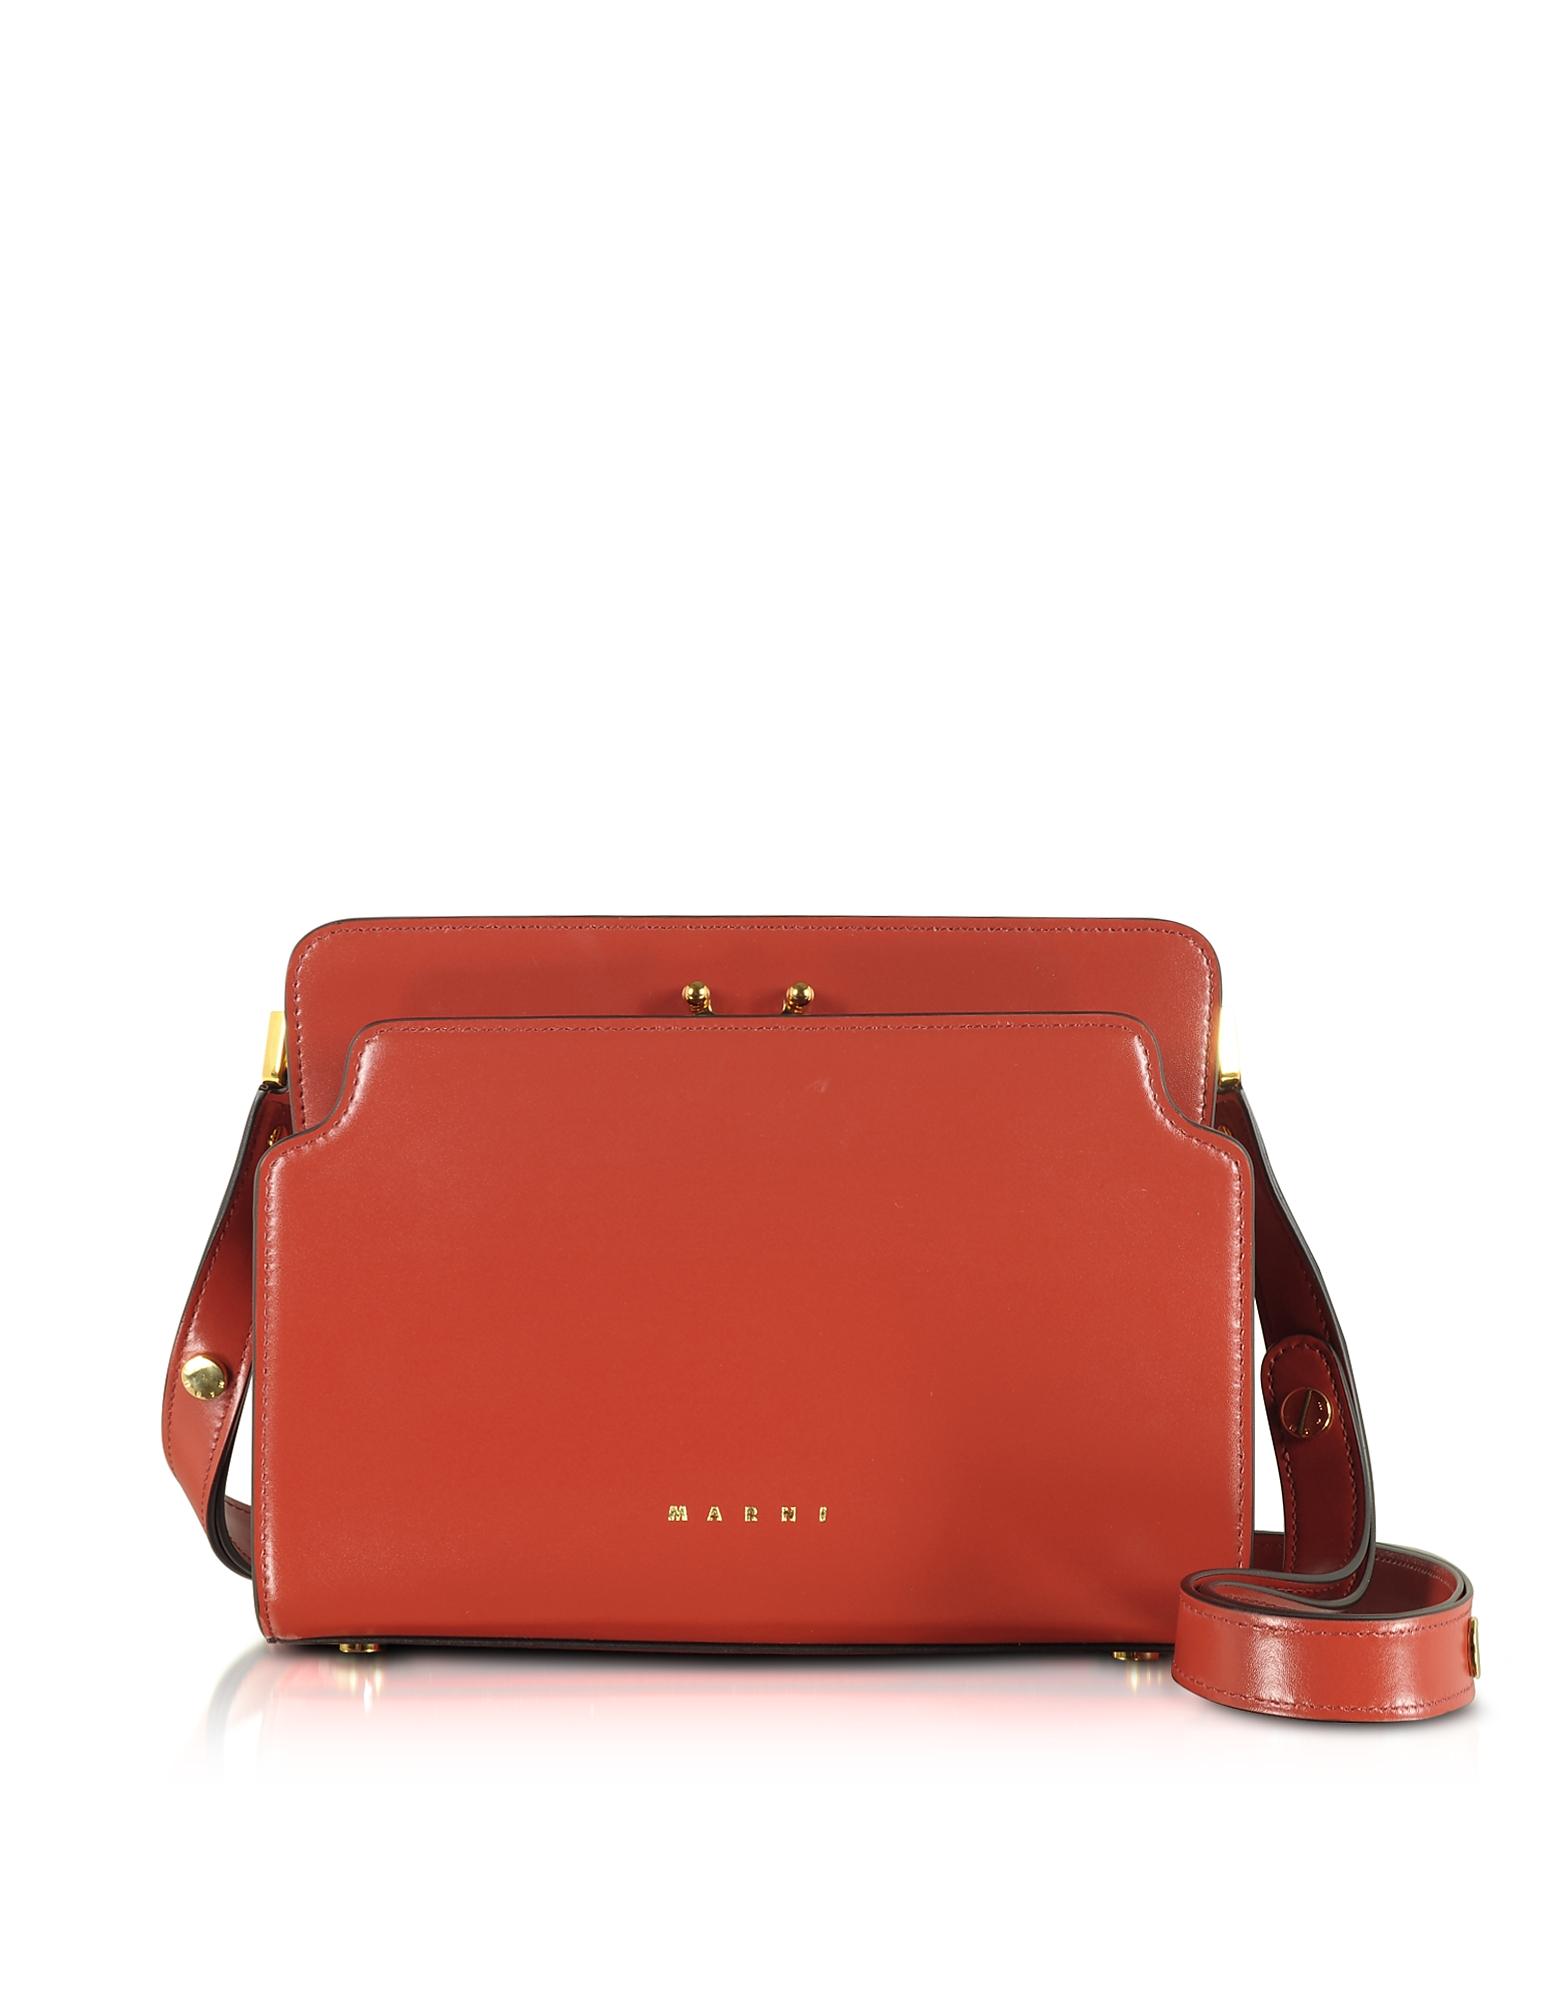 Marni Designer Handbags, Trunk Reverse Leather Shoulder Bag